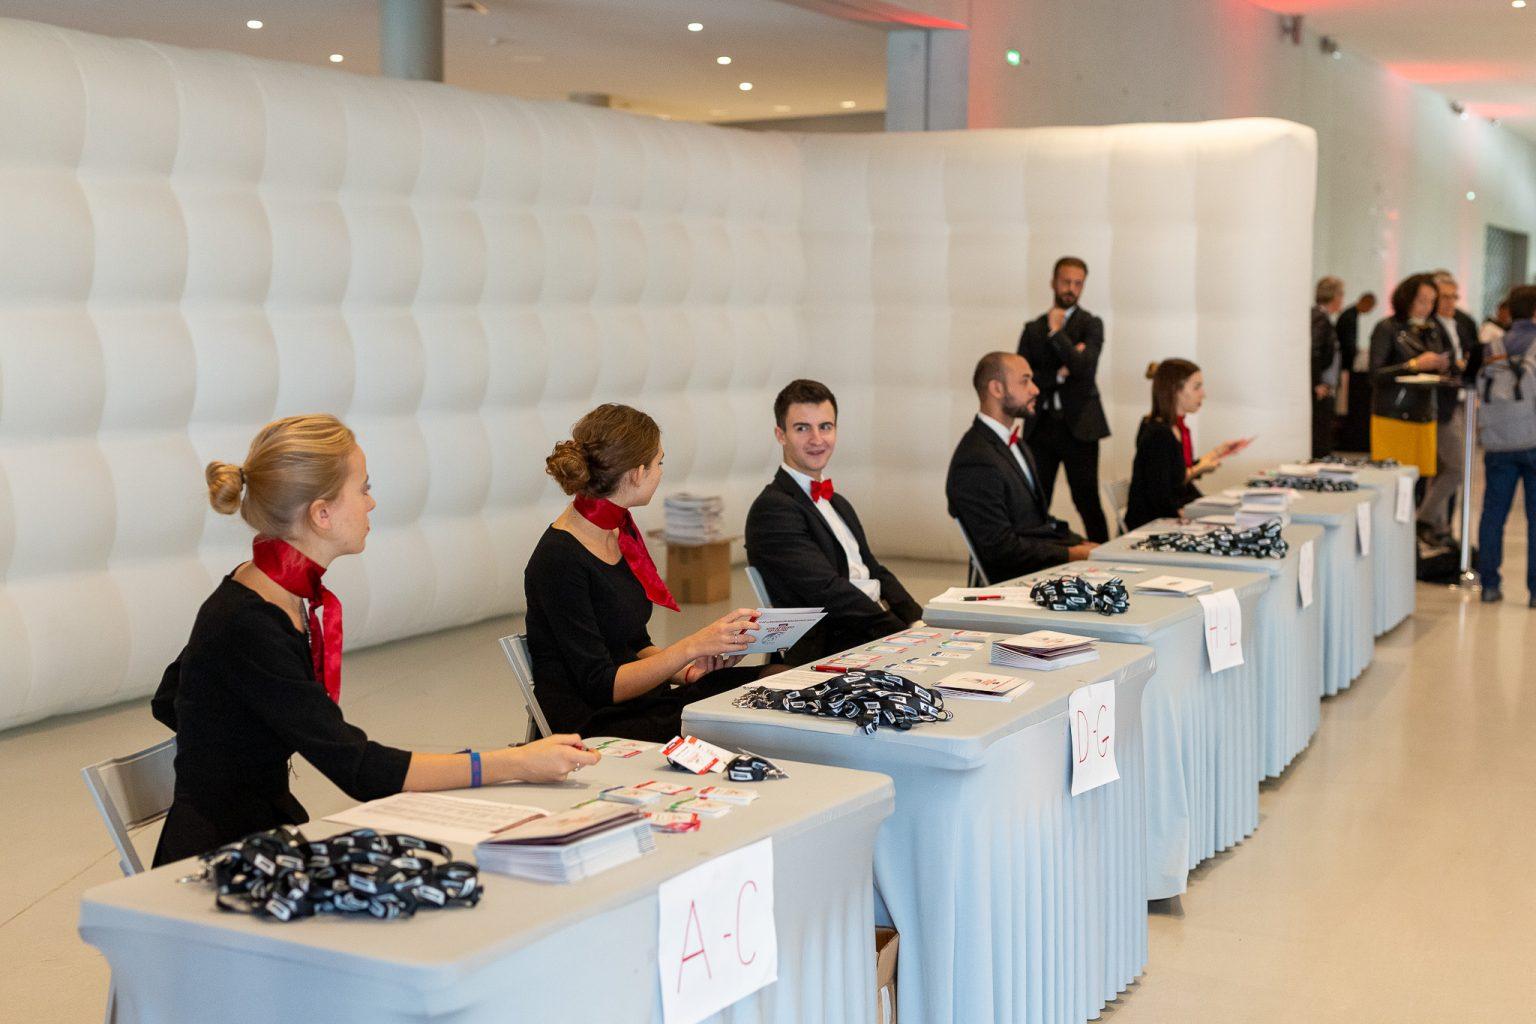 photographe corporate séminaire Convention Motorcraft Ford Paris